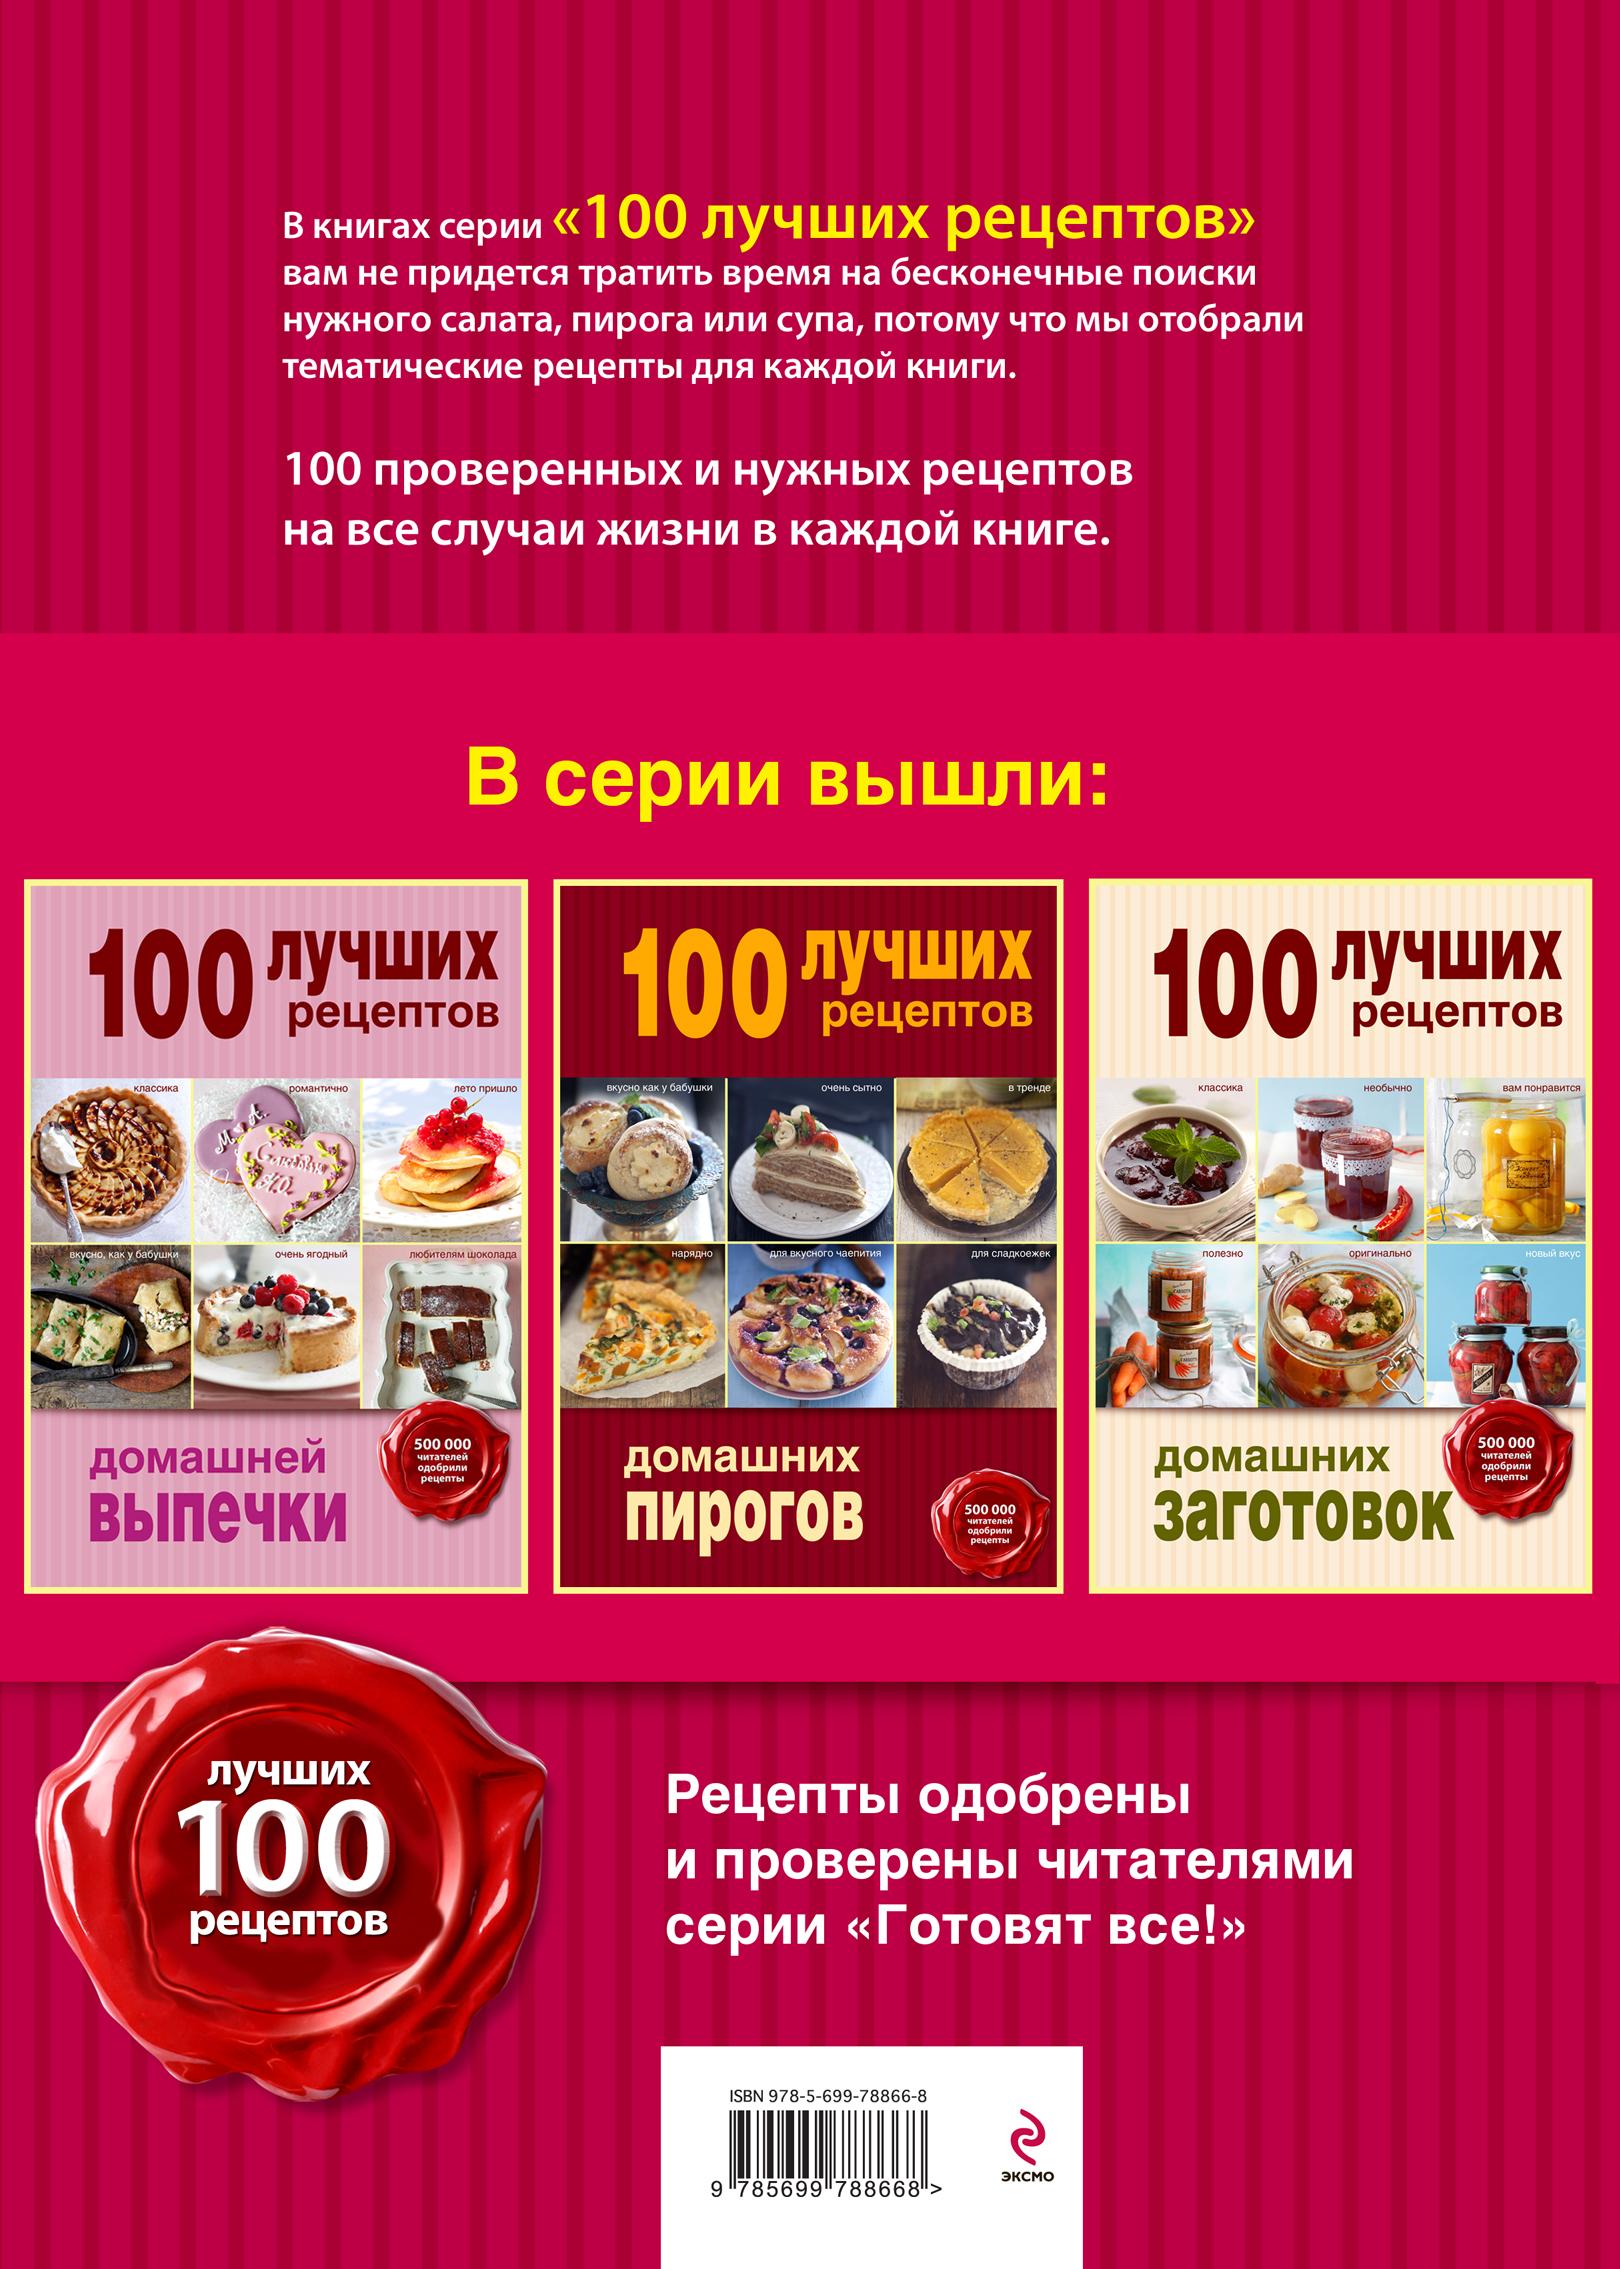 100 лучших рецептов блюд из мяса и рыбы